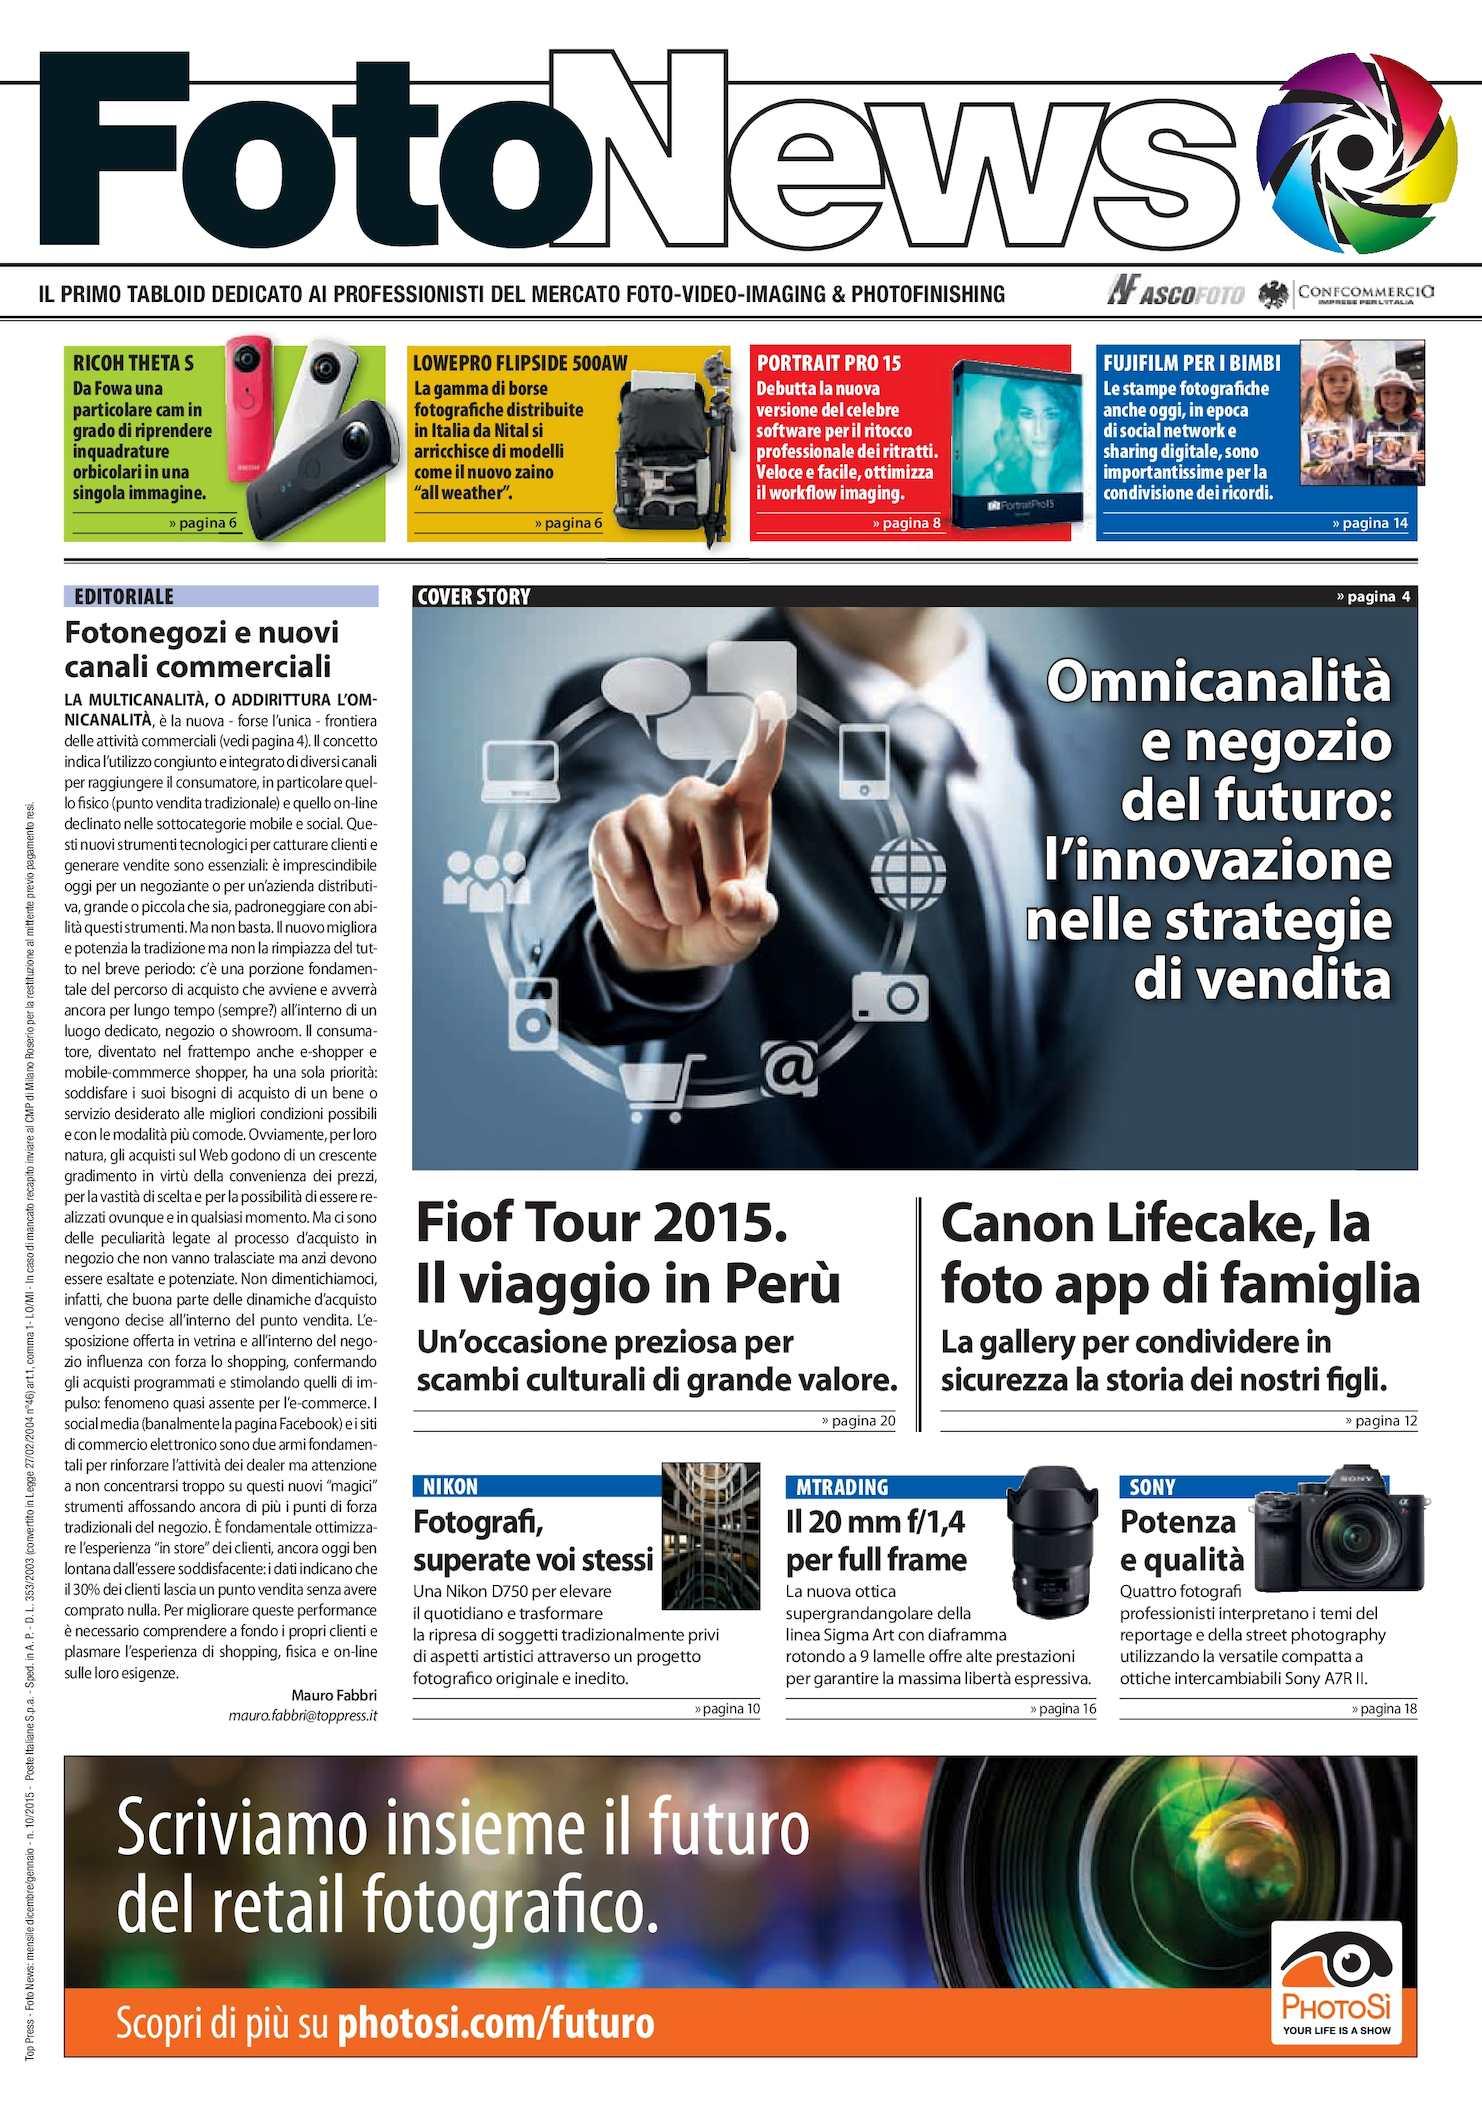 Fotonews 10/2015